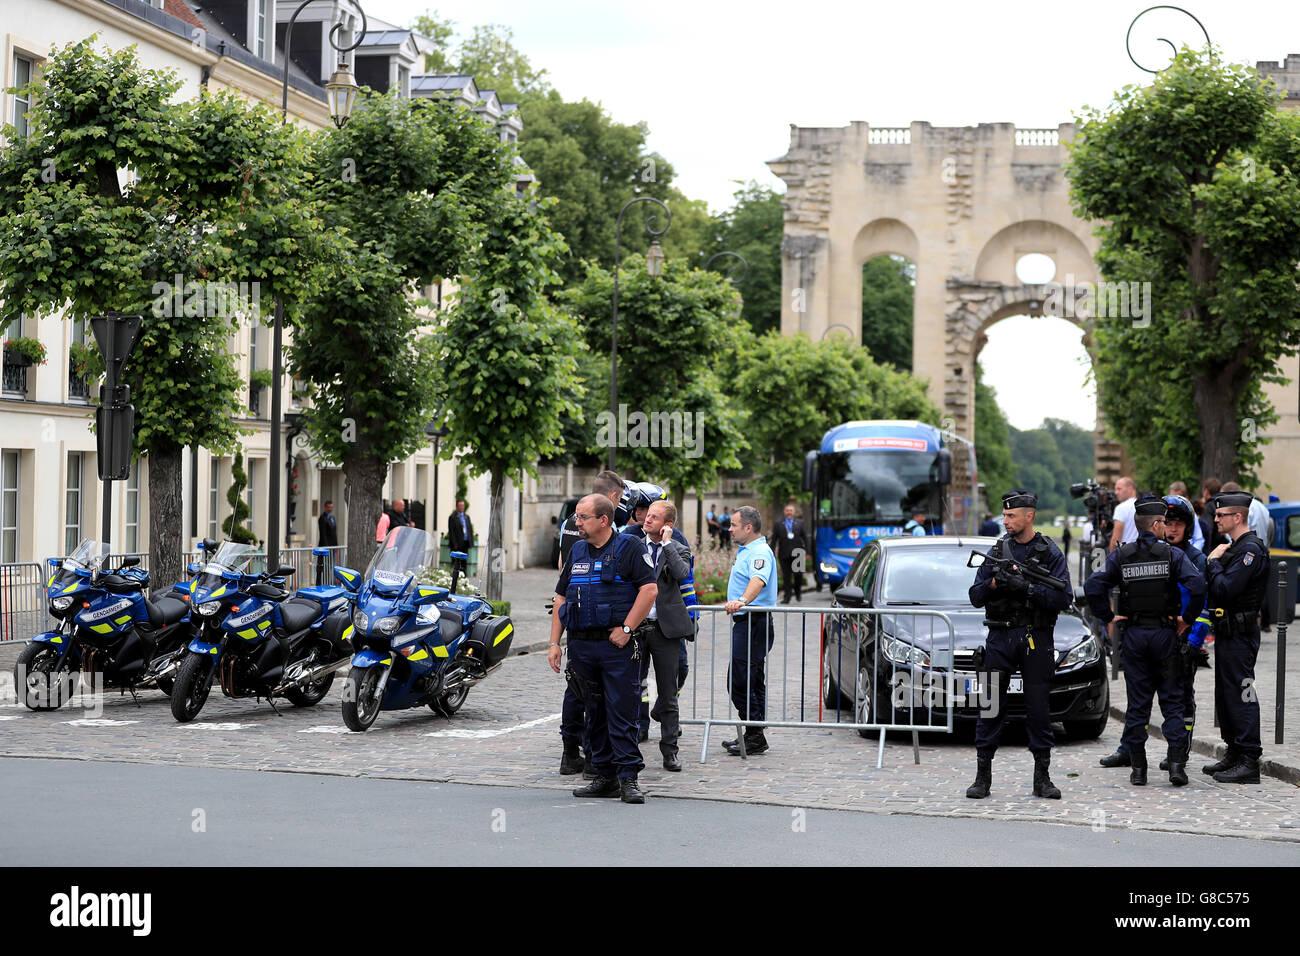 Fuerte presencia policial como Inglaterra llega de vuelta al equipo hotel en Chantilly, Francia. Inglaterra fue eliminada en la ronda de 16 etapas de los Campeonatos Europeos de 2016 anoche después de perder 2-1 a Islandia. Foto de stock